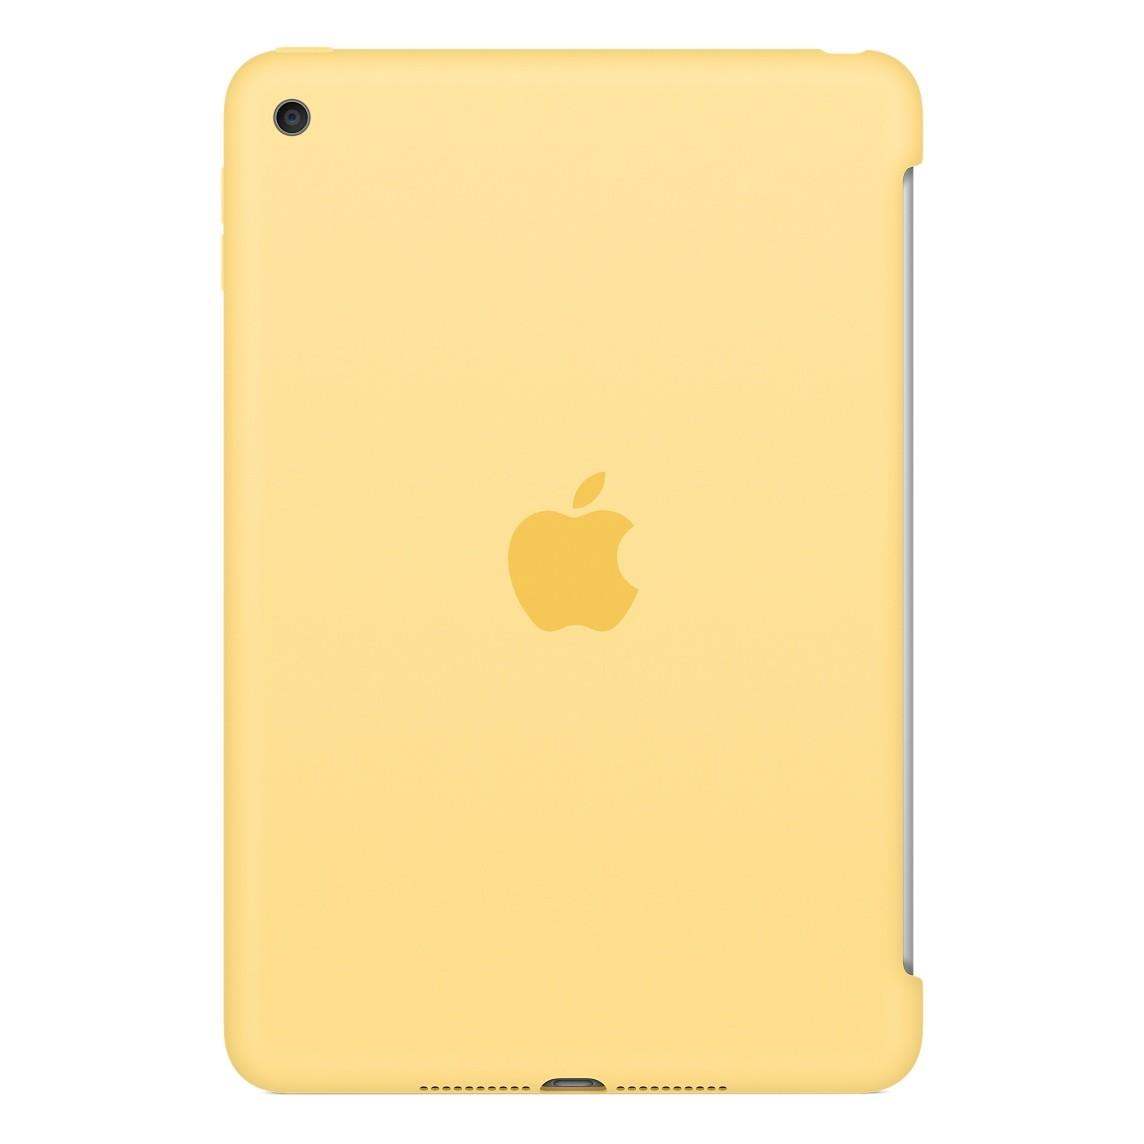 Silikonové pouzdro na iPad mini 4 - žluté